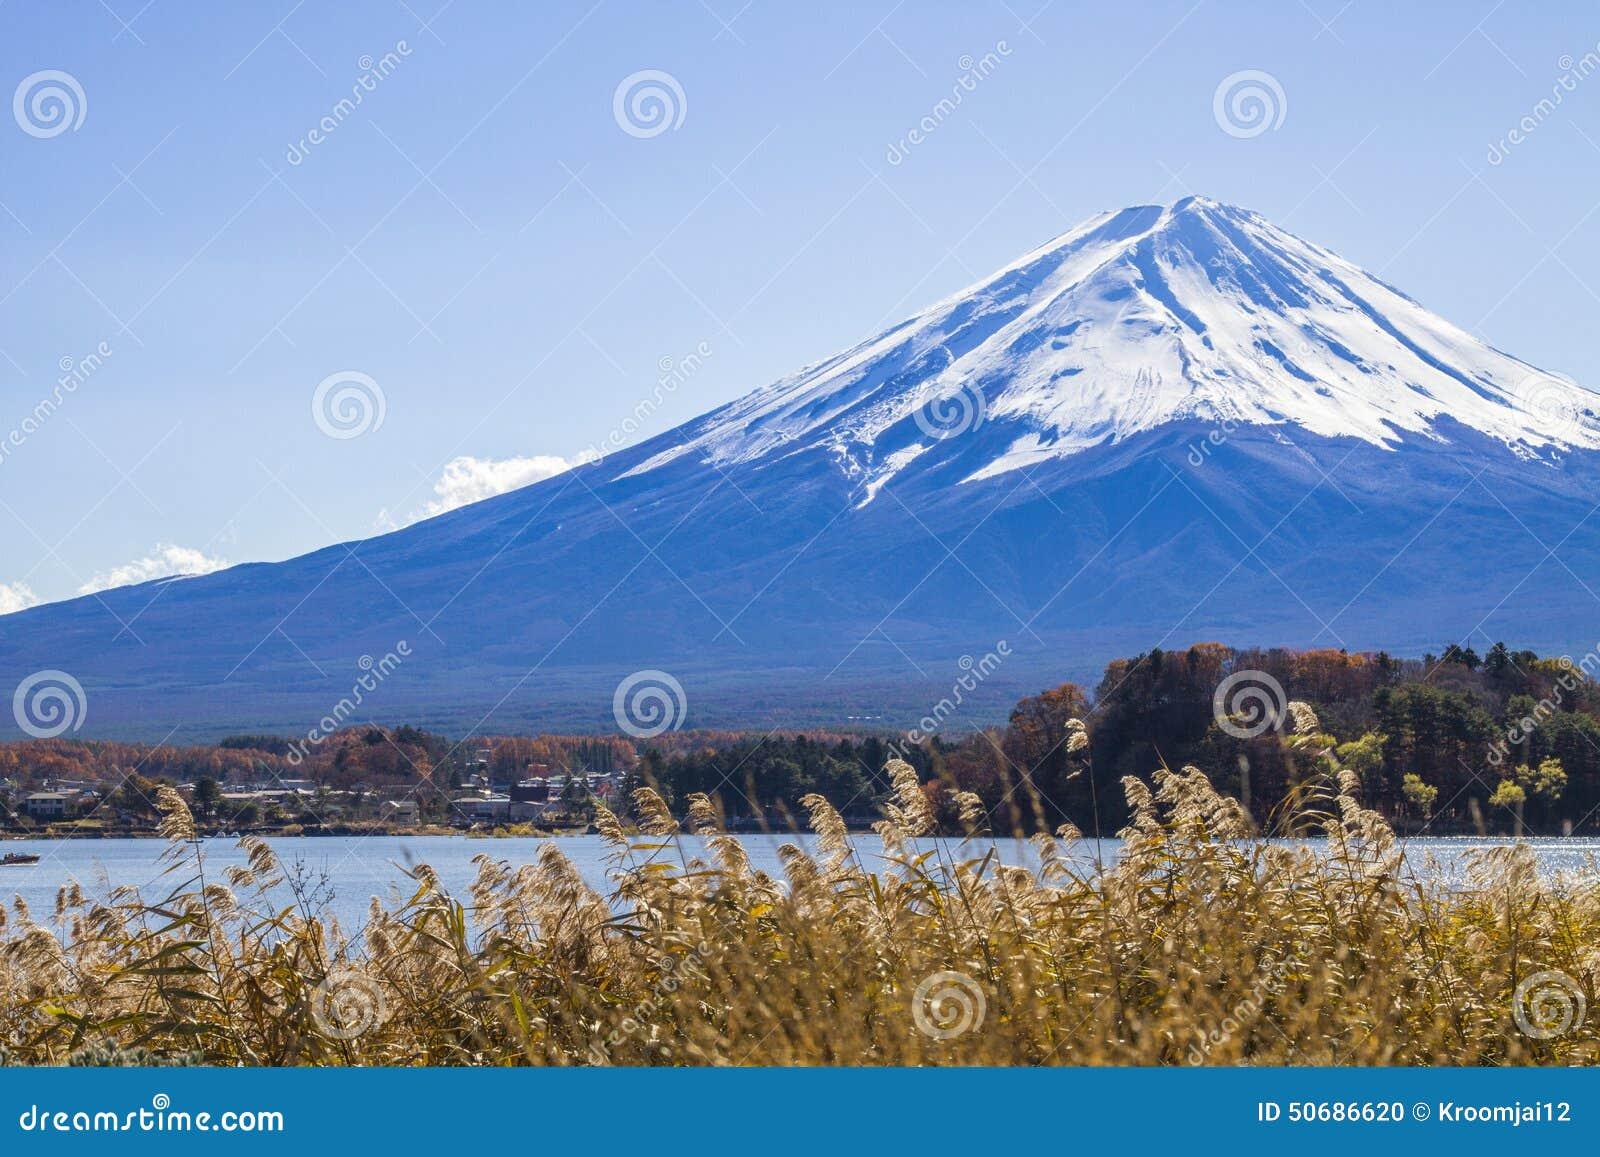 Download Mt 富士和湖kawaguchiko 库存照片. 图片 包括有 scape, 秸杆, 横向, 聚会所, 秋天 - 50686620